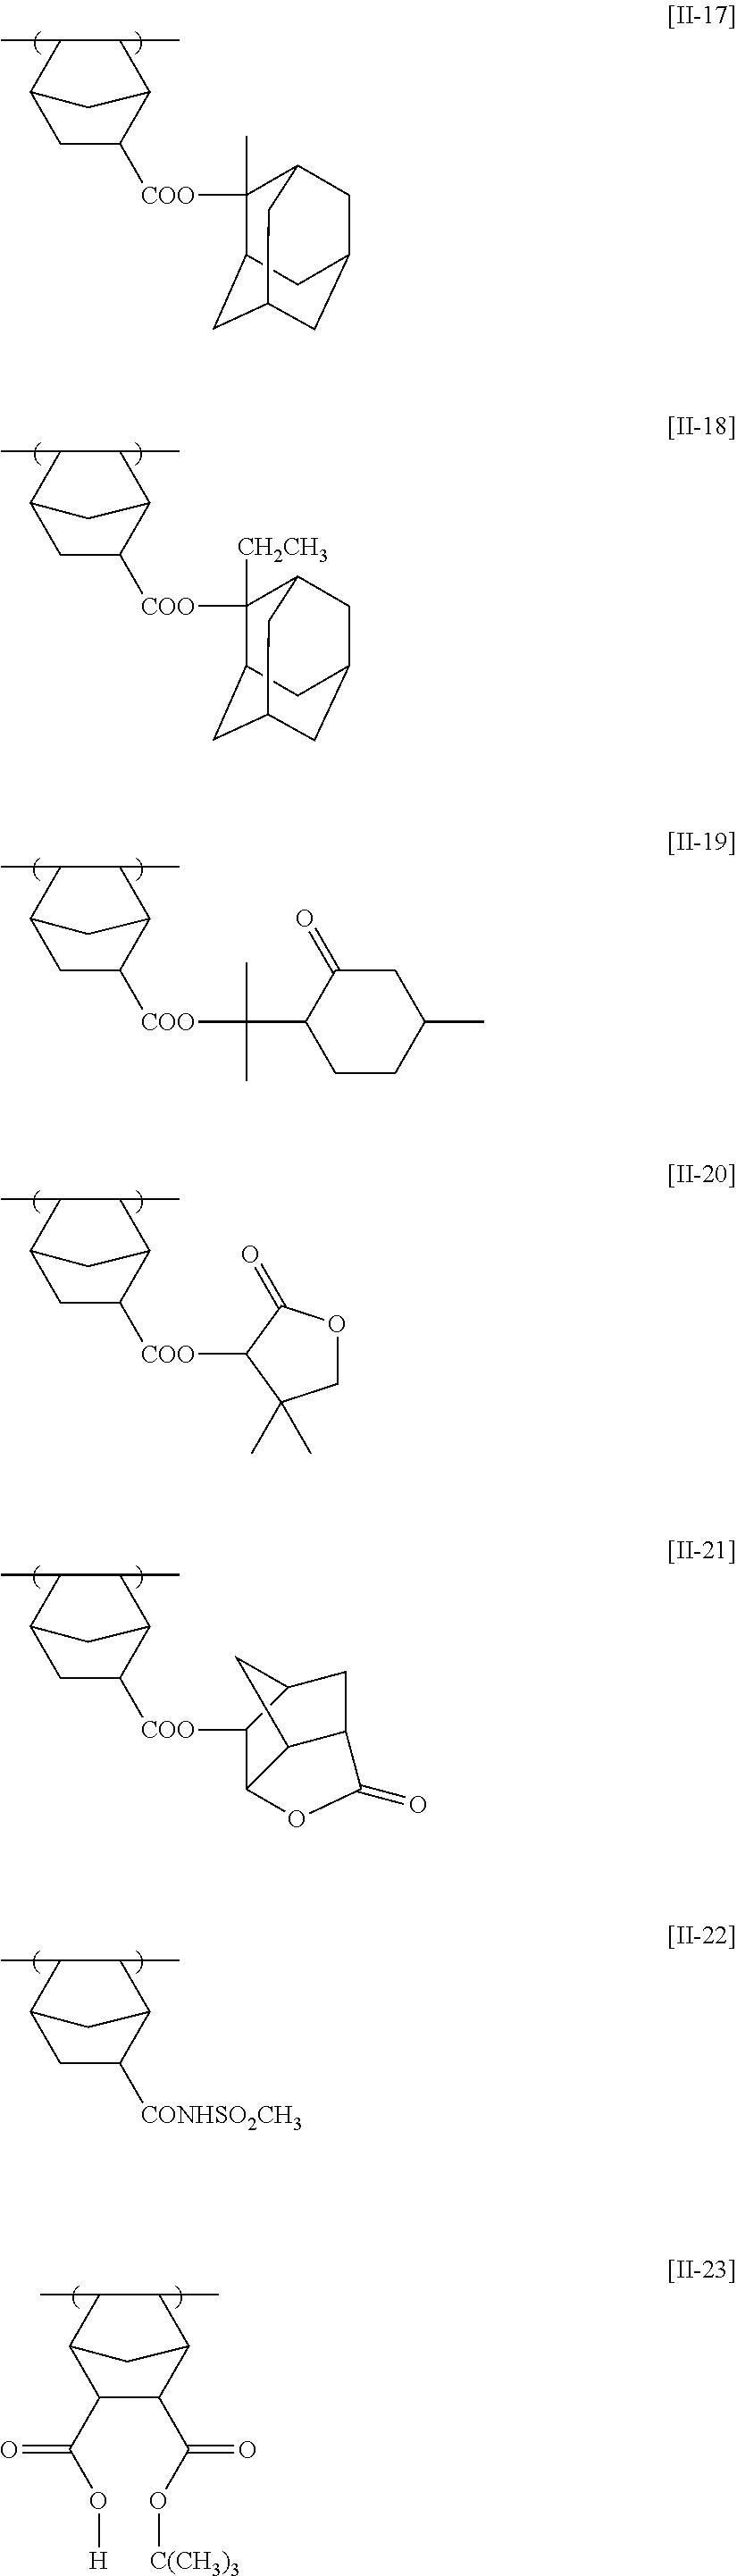 Figure US08632942-20140121-C00017